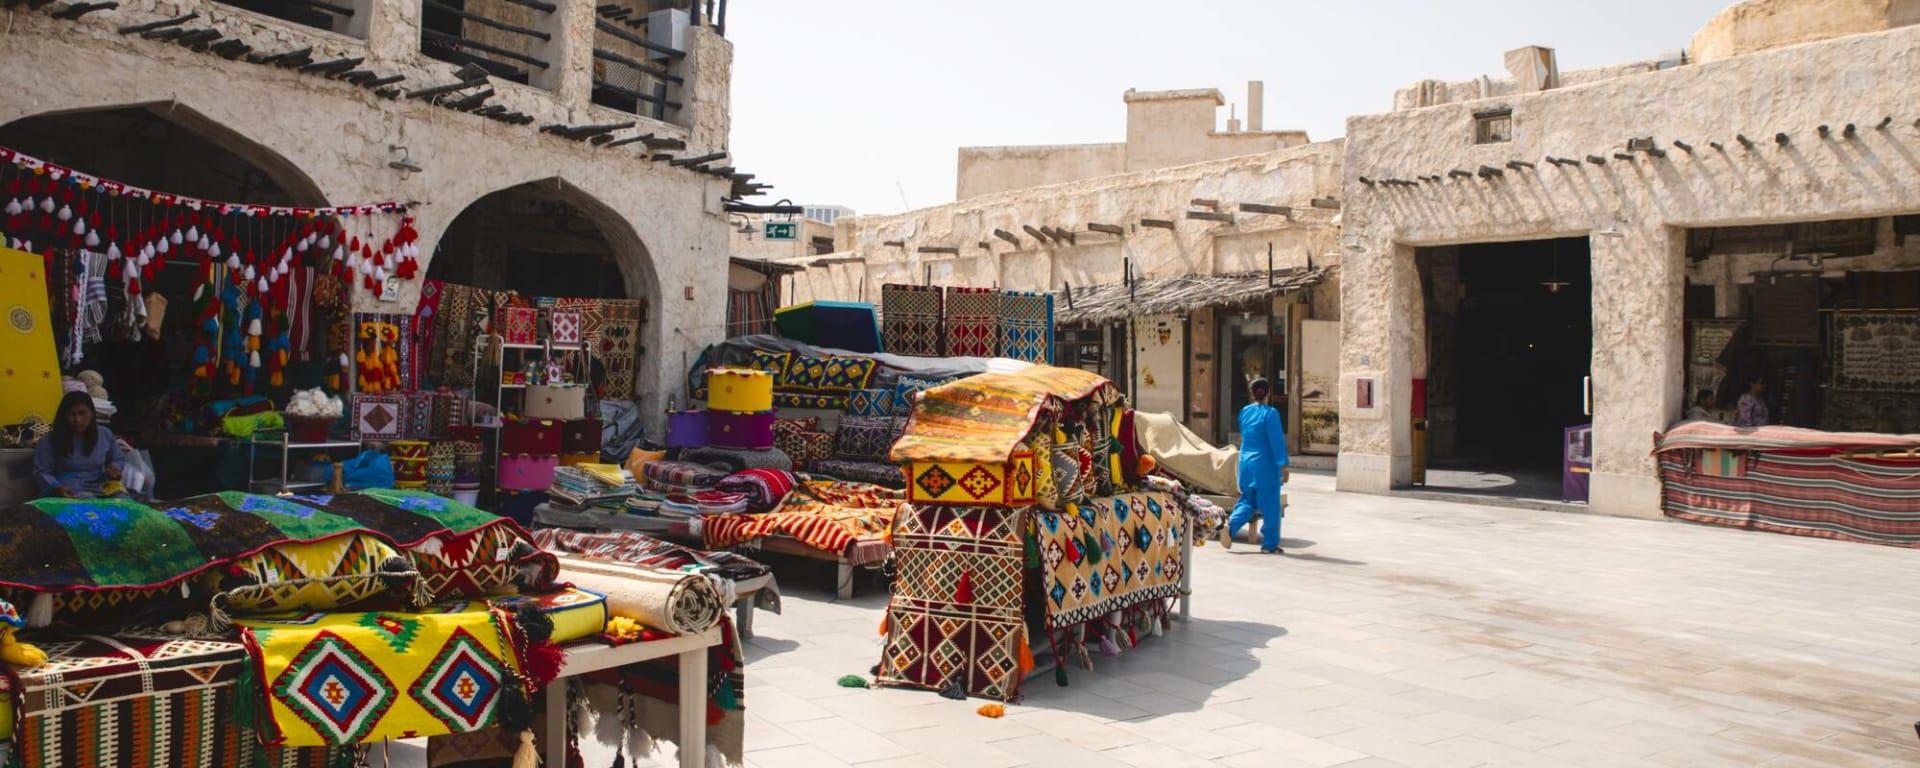 Qatar entdecken mit Tischler Reisen: Qatar Doha Souk Waqif